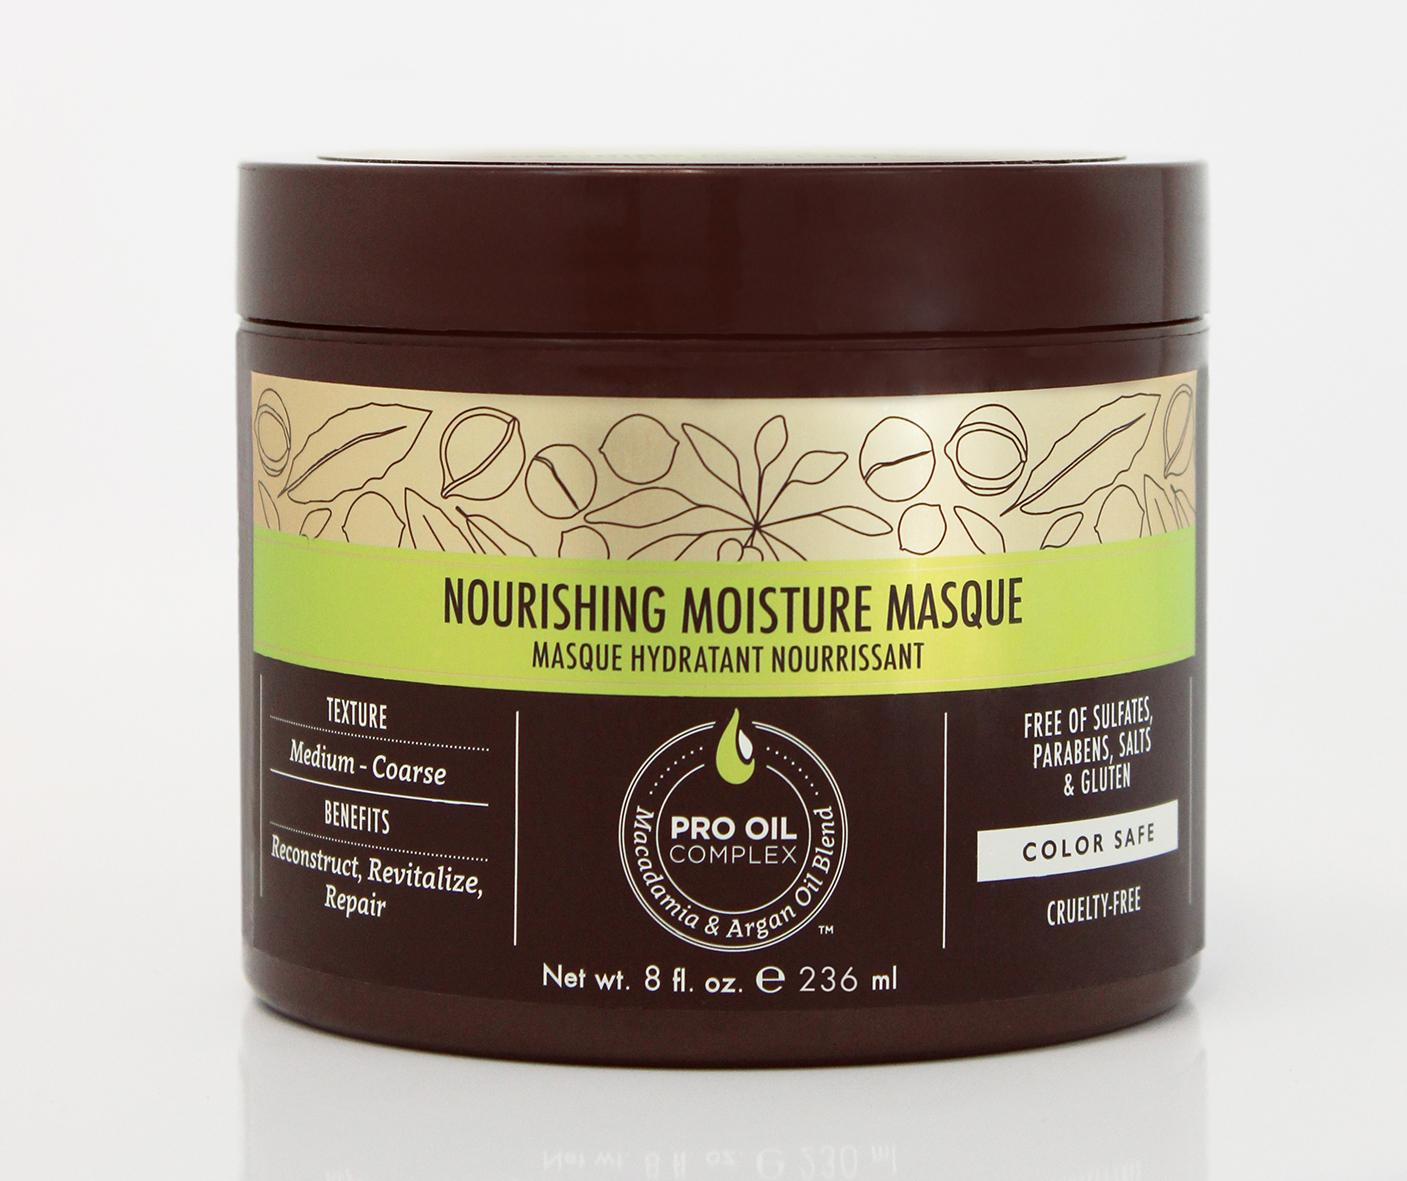 Macadamia Professional Маска питательная для всех типов волос, 236 мл